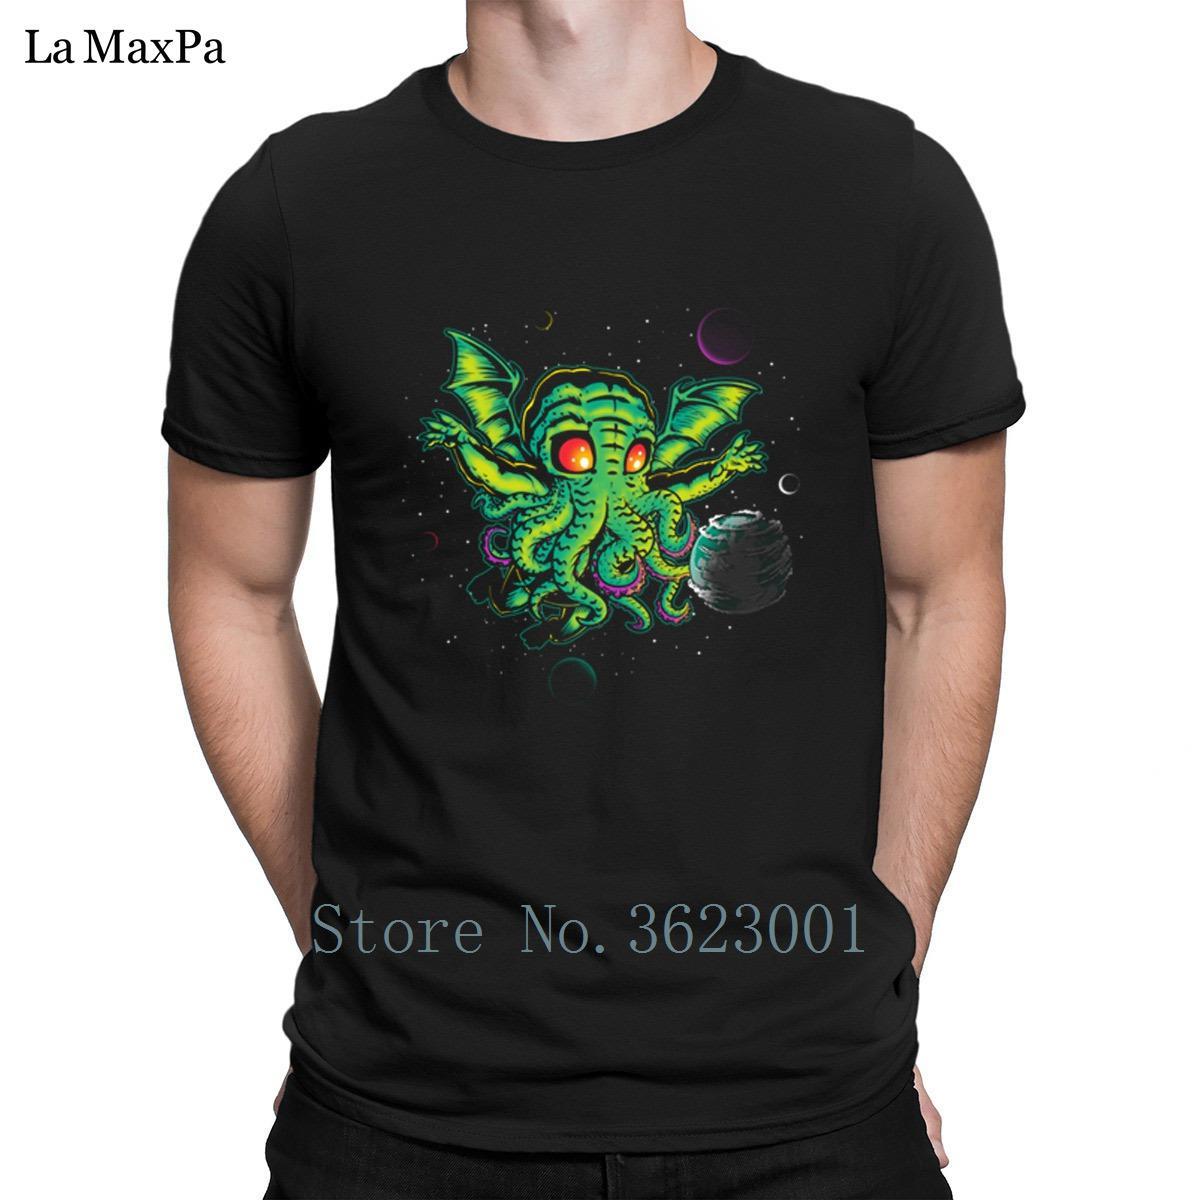 Divertido camiseta de encargo para los hombres Cthulhu: NEVERDIE camiseta para hombre Camiseta cómoda normal camiseta de los hombres tamaño euro Tee Tops